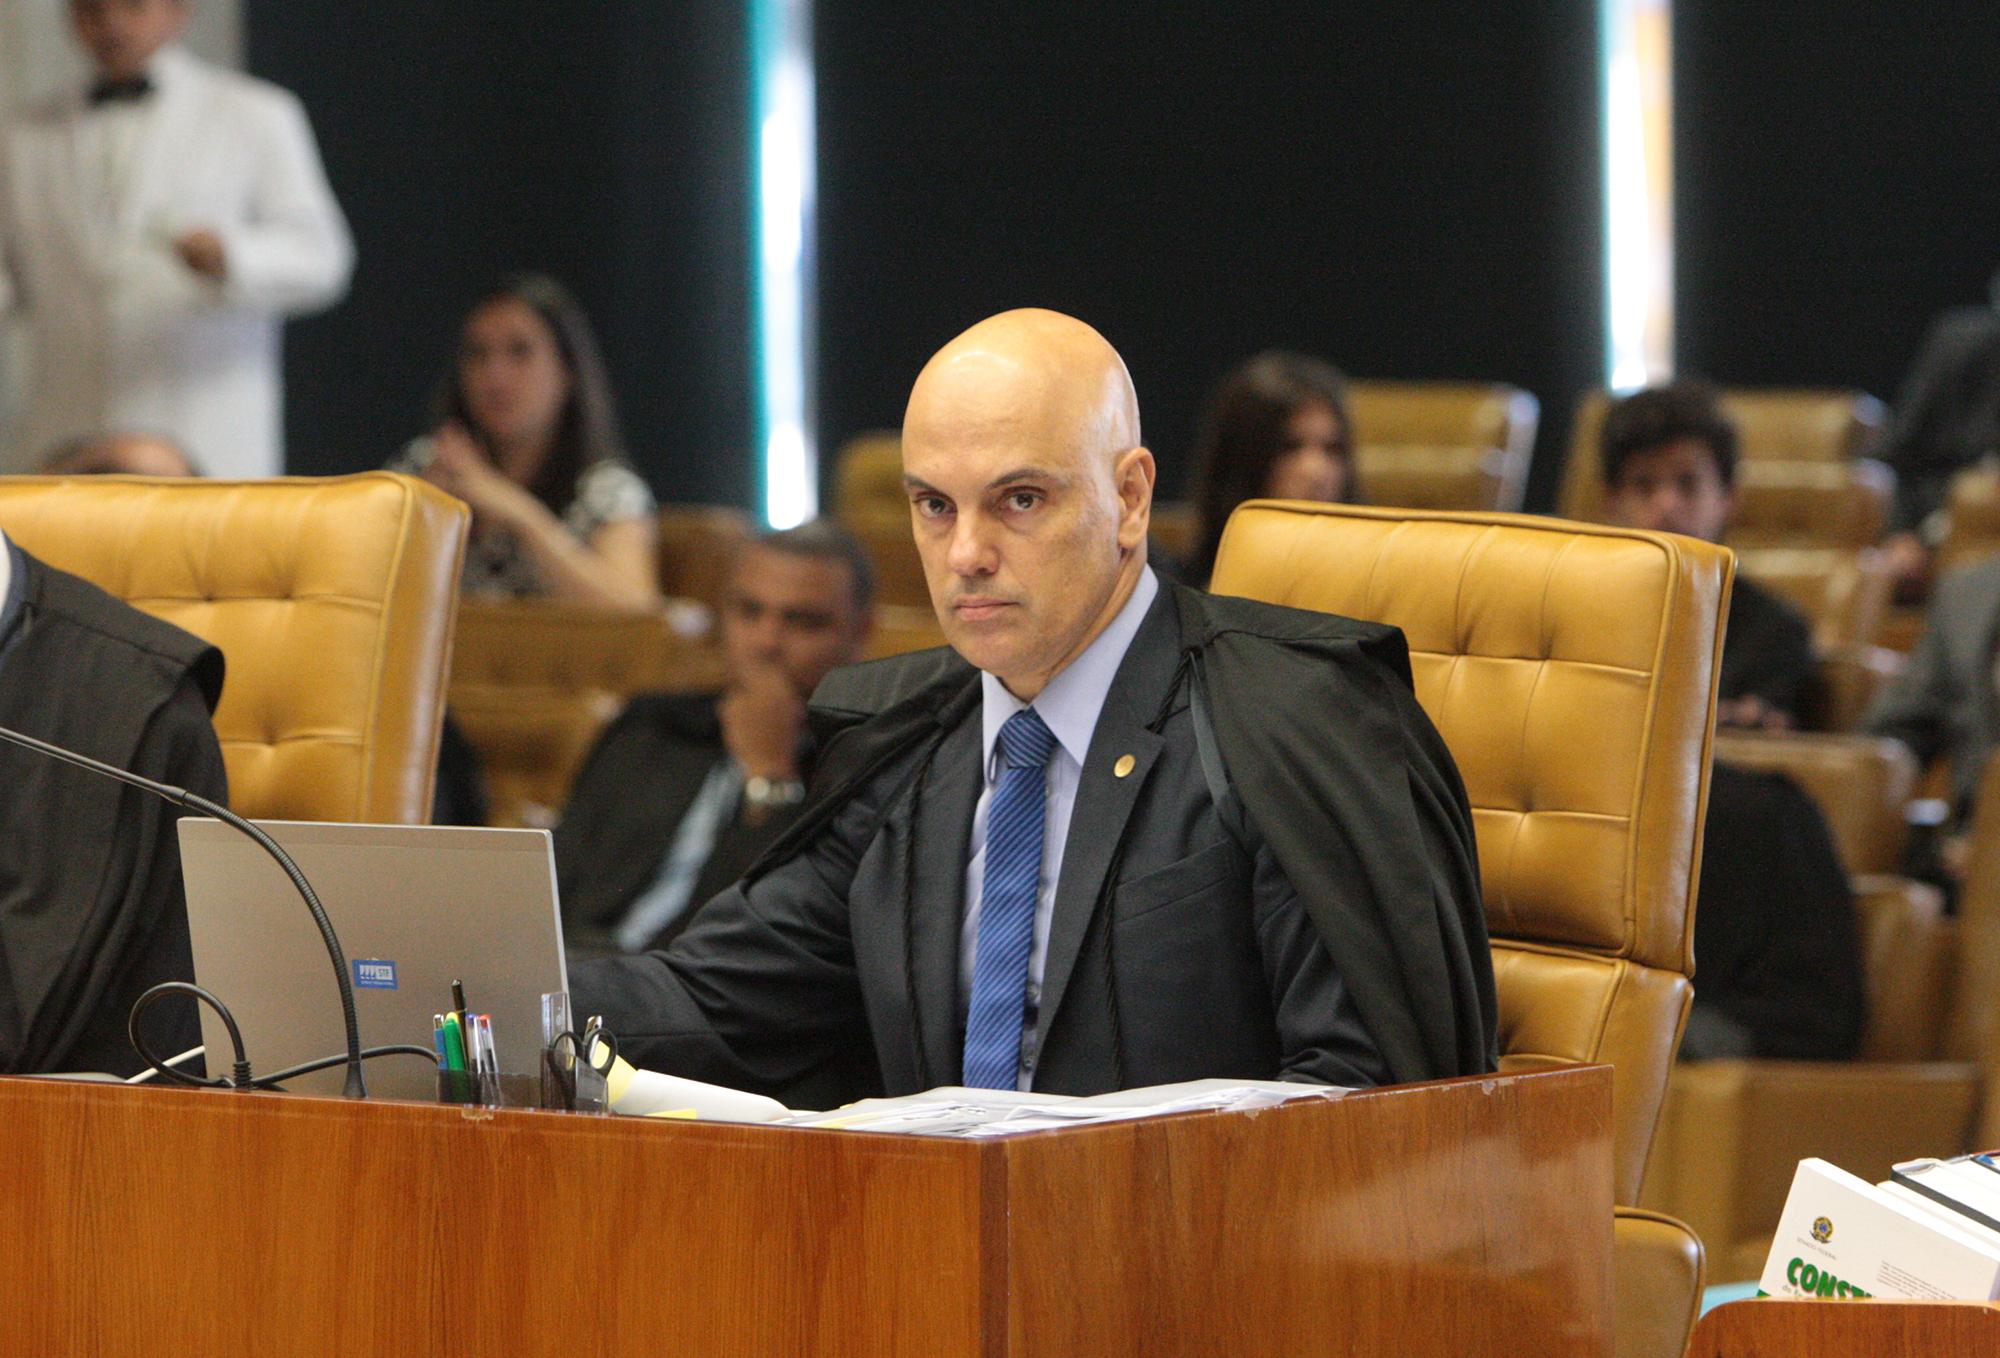 Comissão aprova mandato de 10 anos para ministros de tribunais superiores